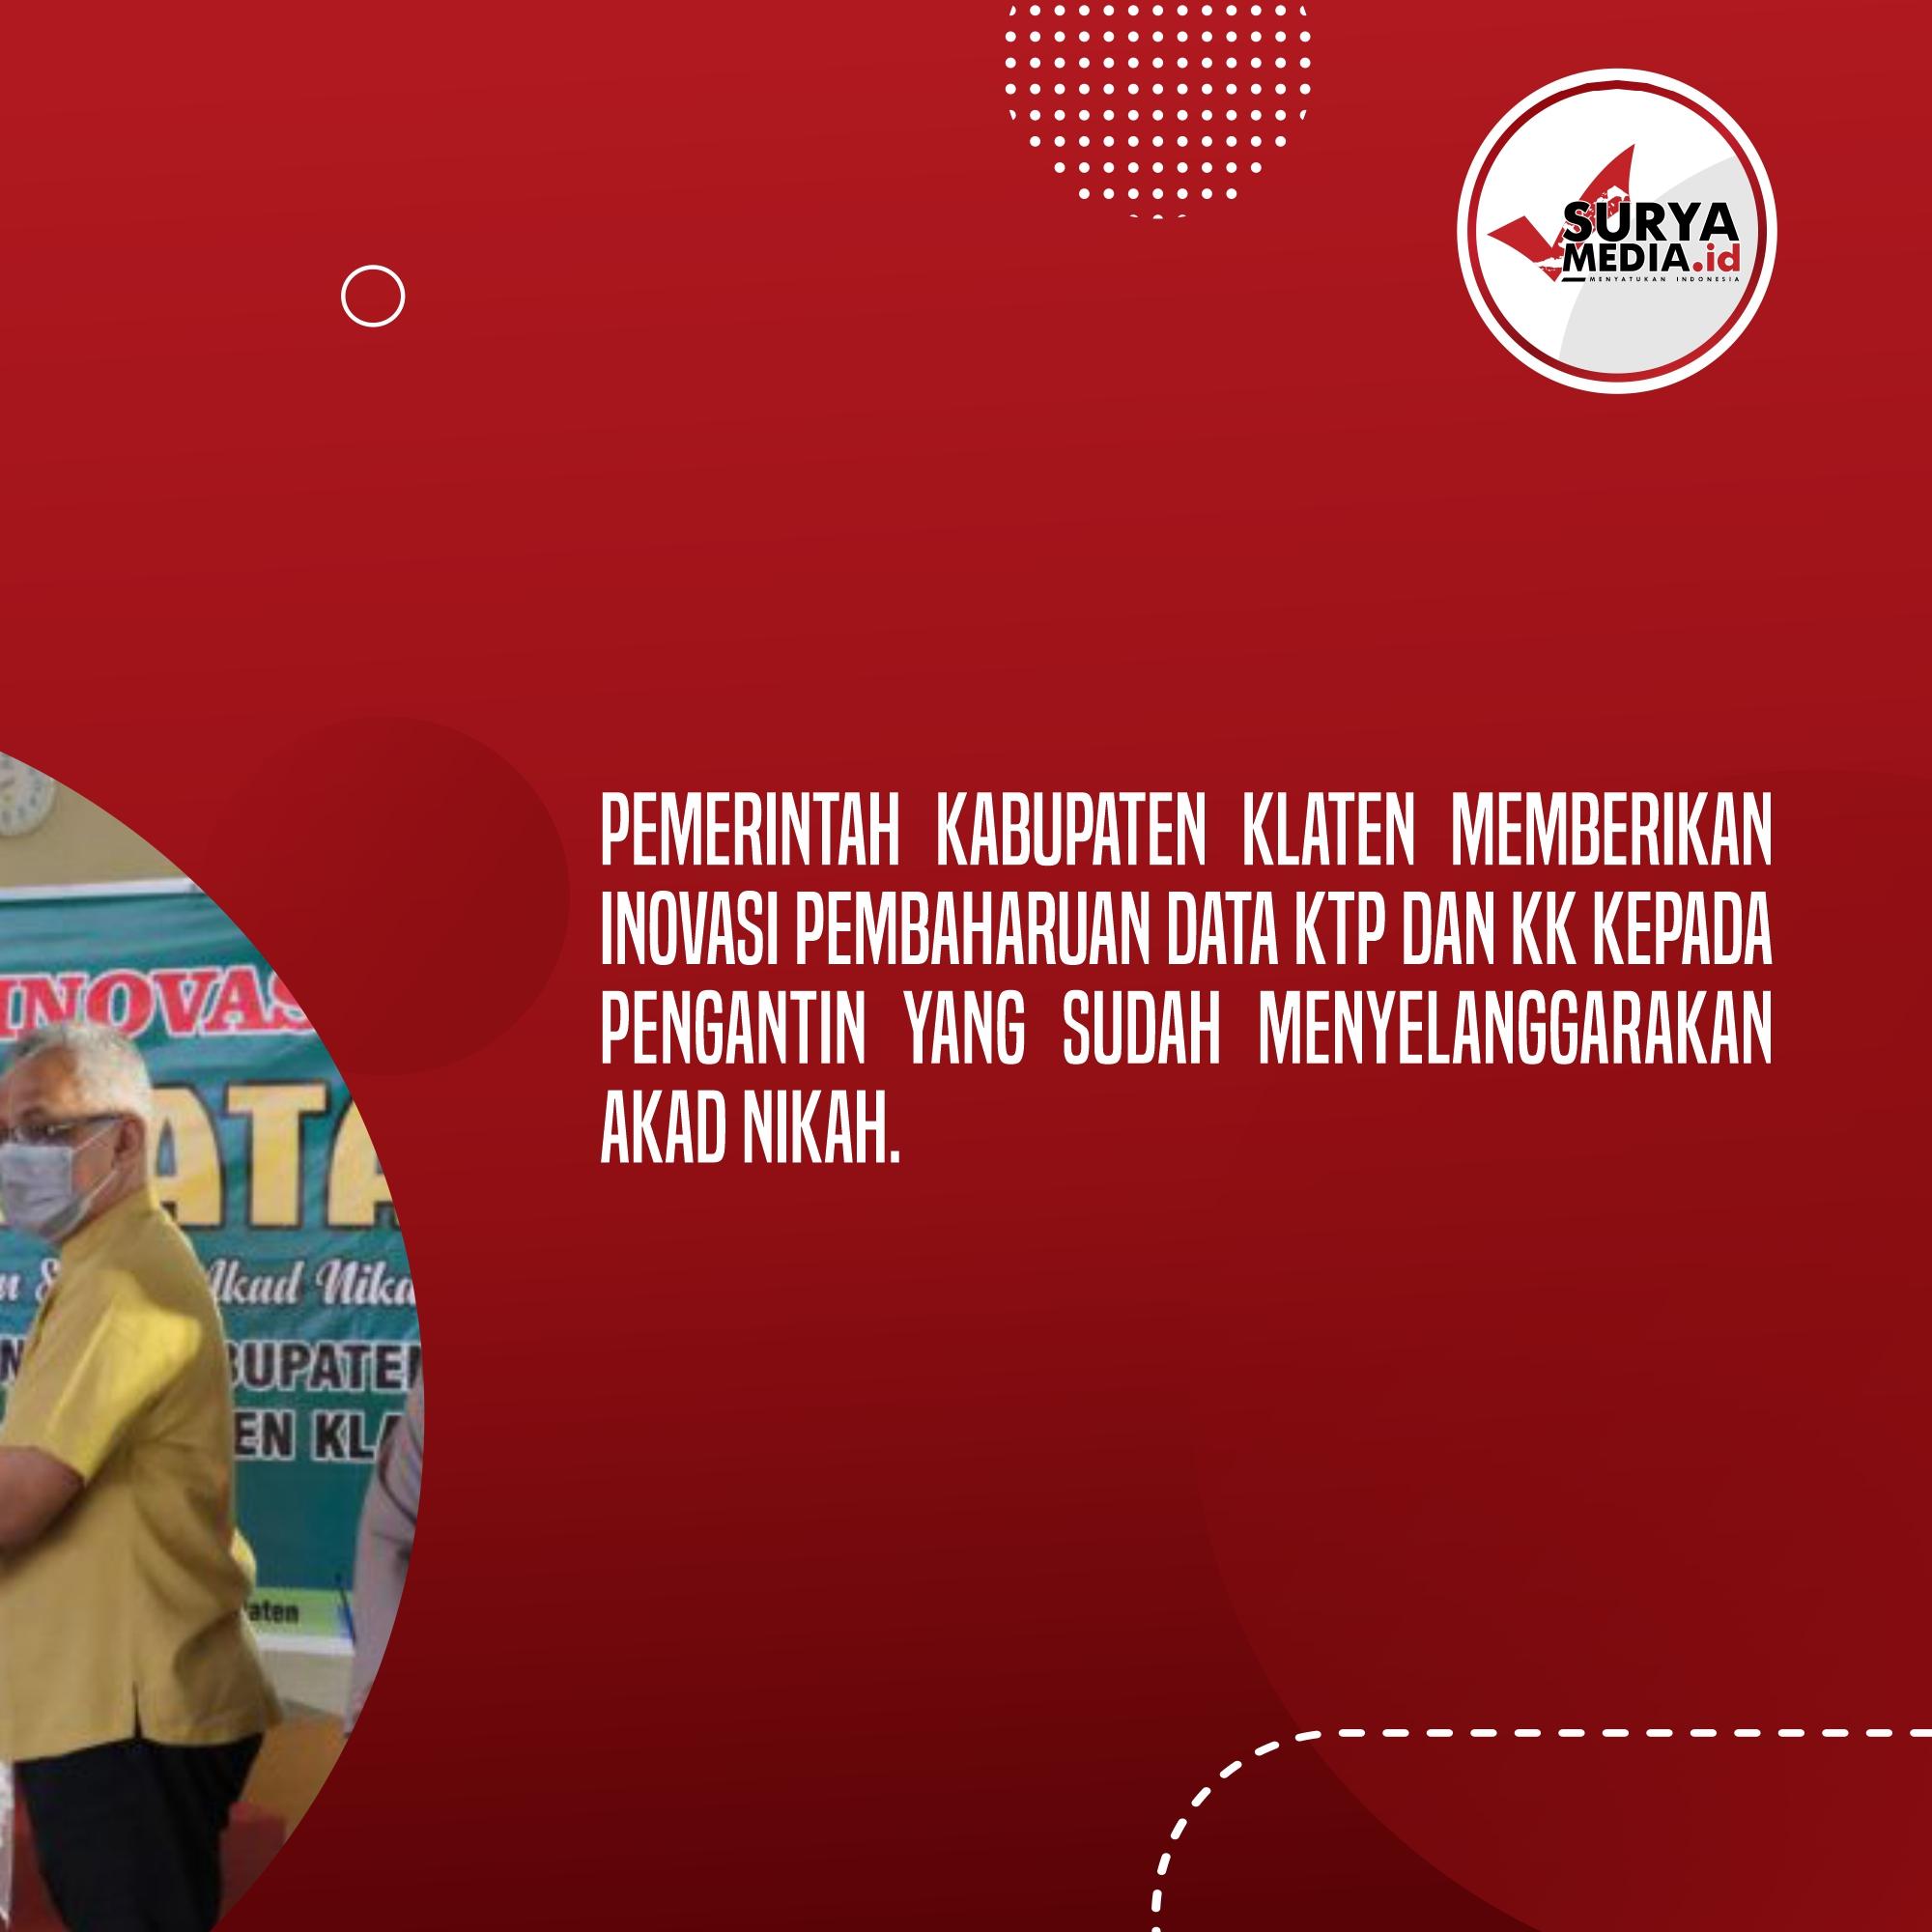 Pemkab Klaten Berikan Inovasi Pembaharuan Data KTP dan KK, Usai Akad Nikah